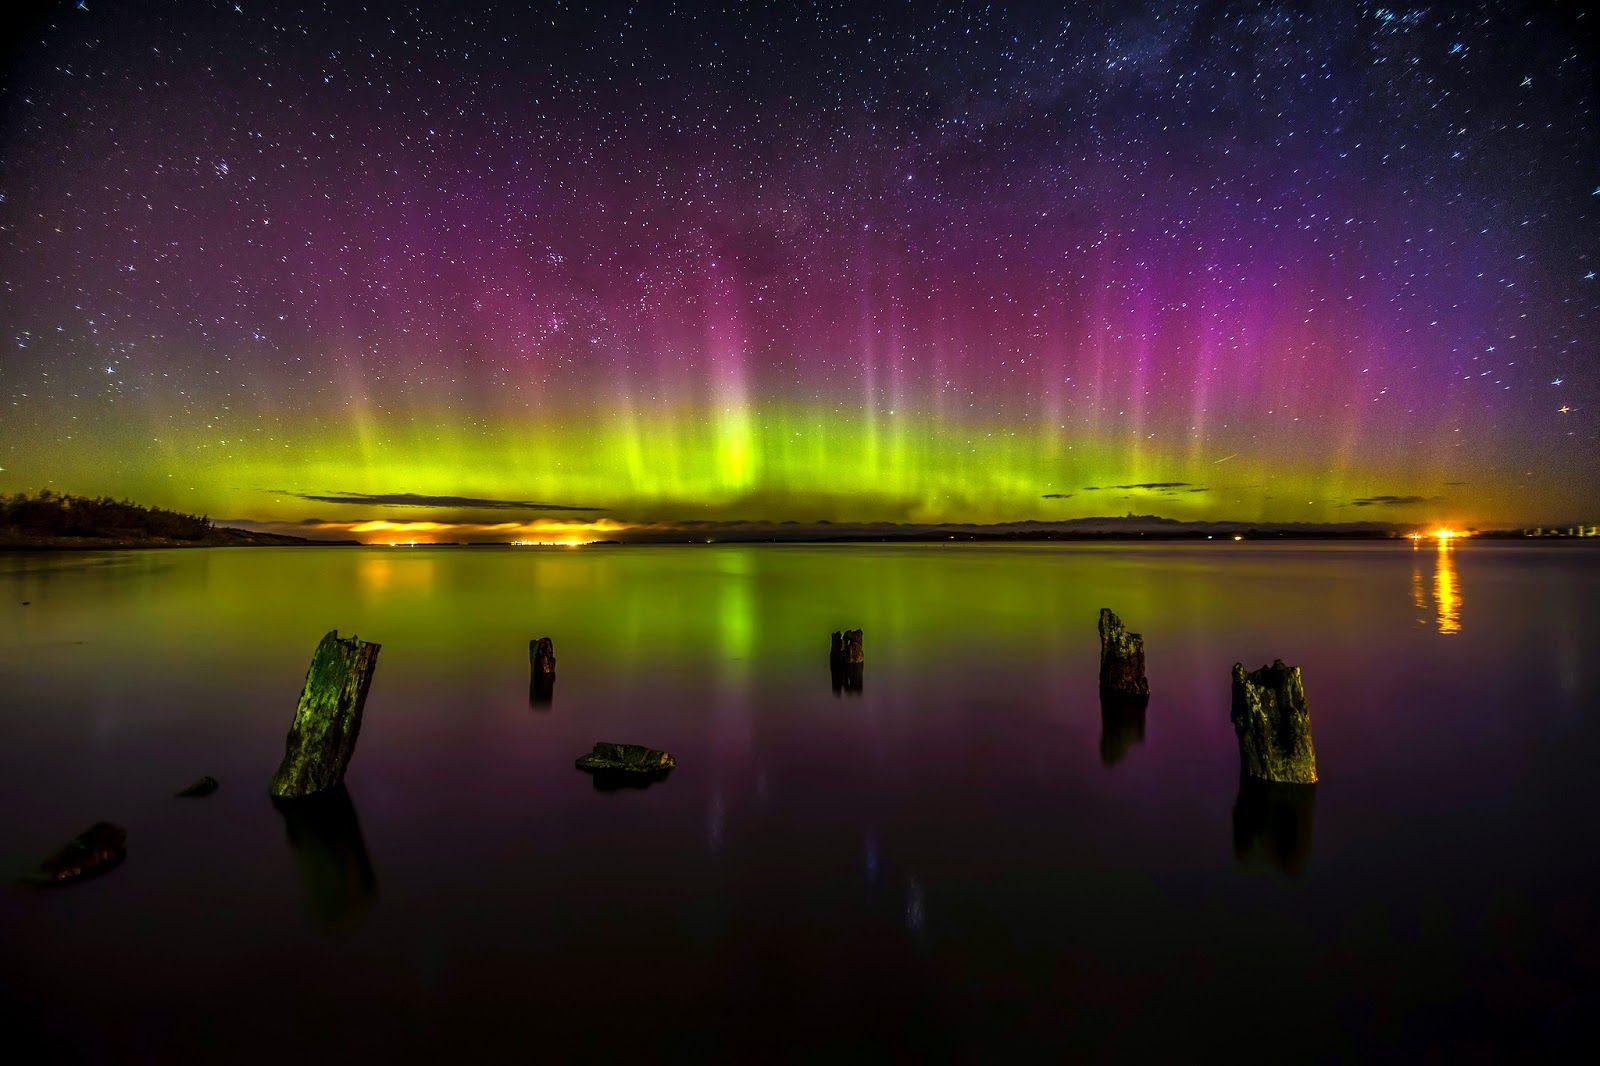 Mundo dos Documentários Online: Aurora Boreal - Aurora Fire in the Sky